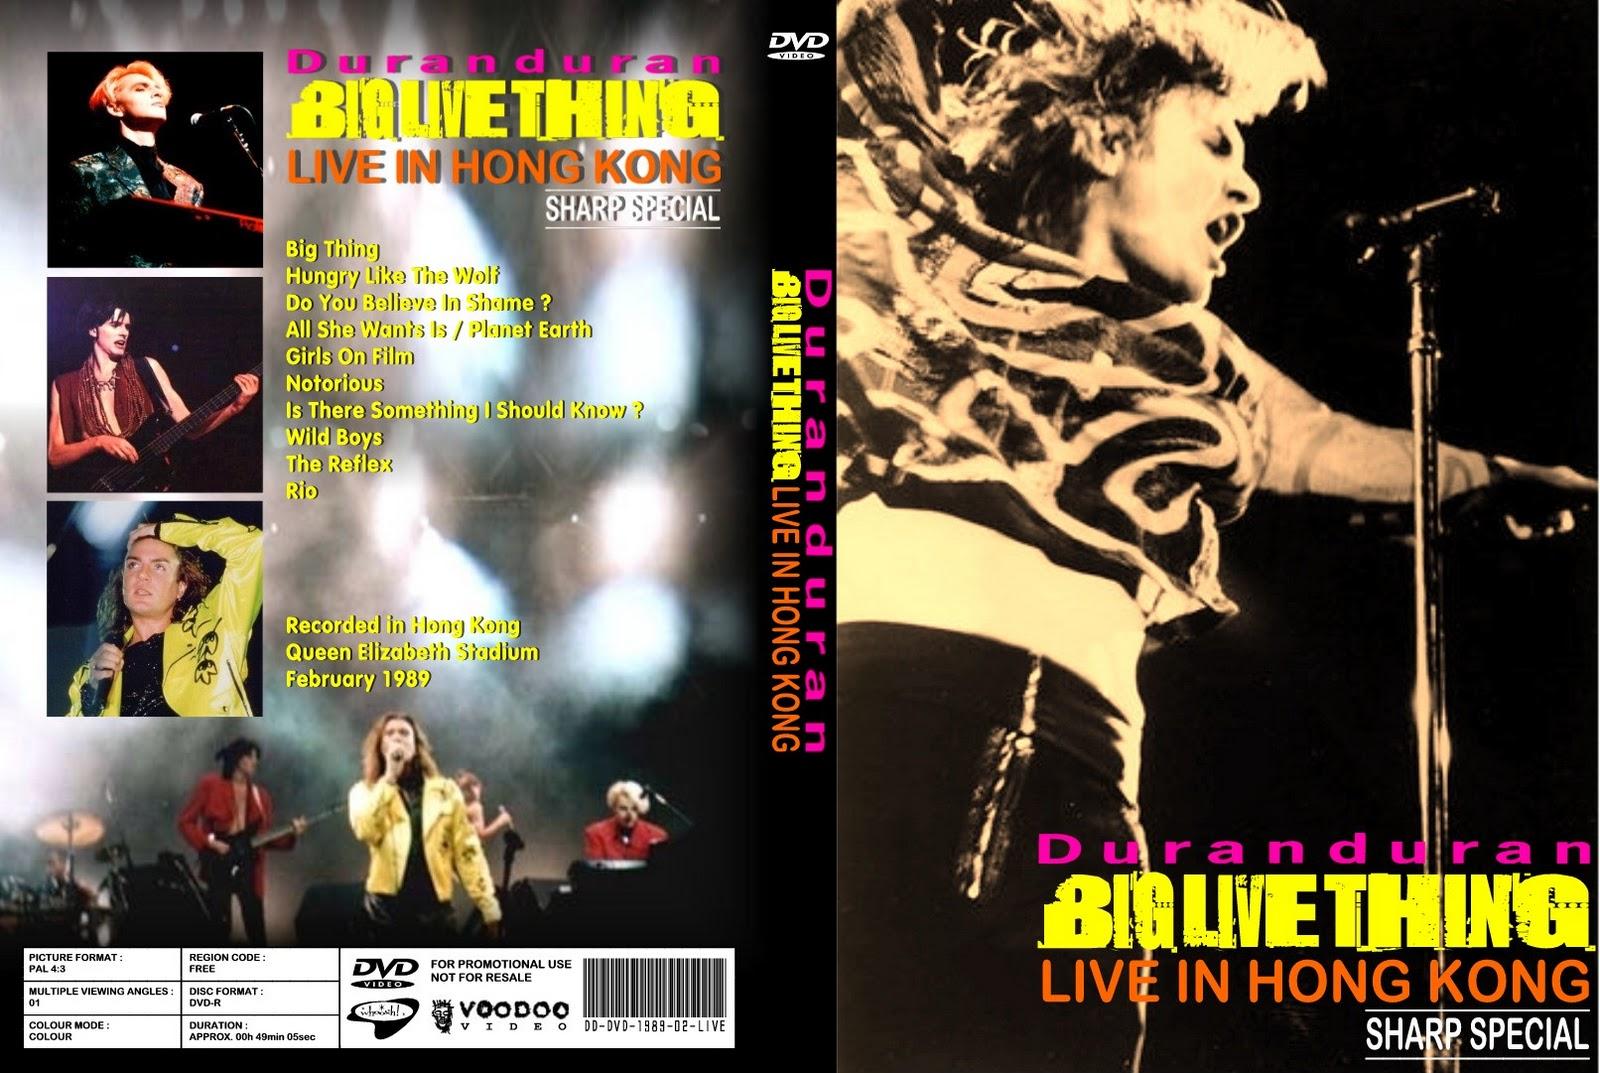 http://3.bp.blogspot.com/-1mN0F9JYOGk/TuWUSWpt0UI/AAAAAAAAE7Y/z7Jwv8WwHBk/s1600/DVD+Cover+-+Duran+Duran+-+1989-02-24+-+Hong+Kong.jpg